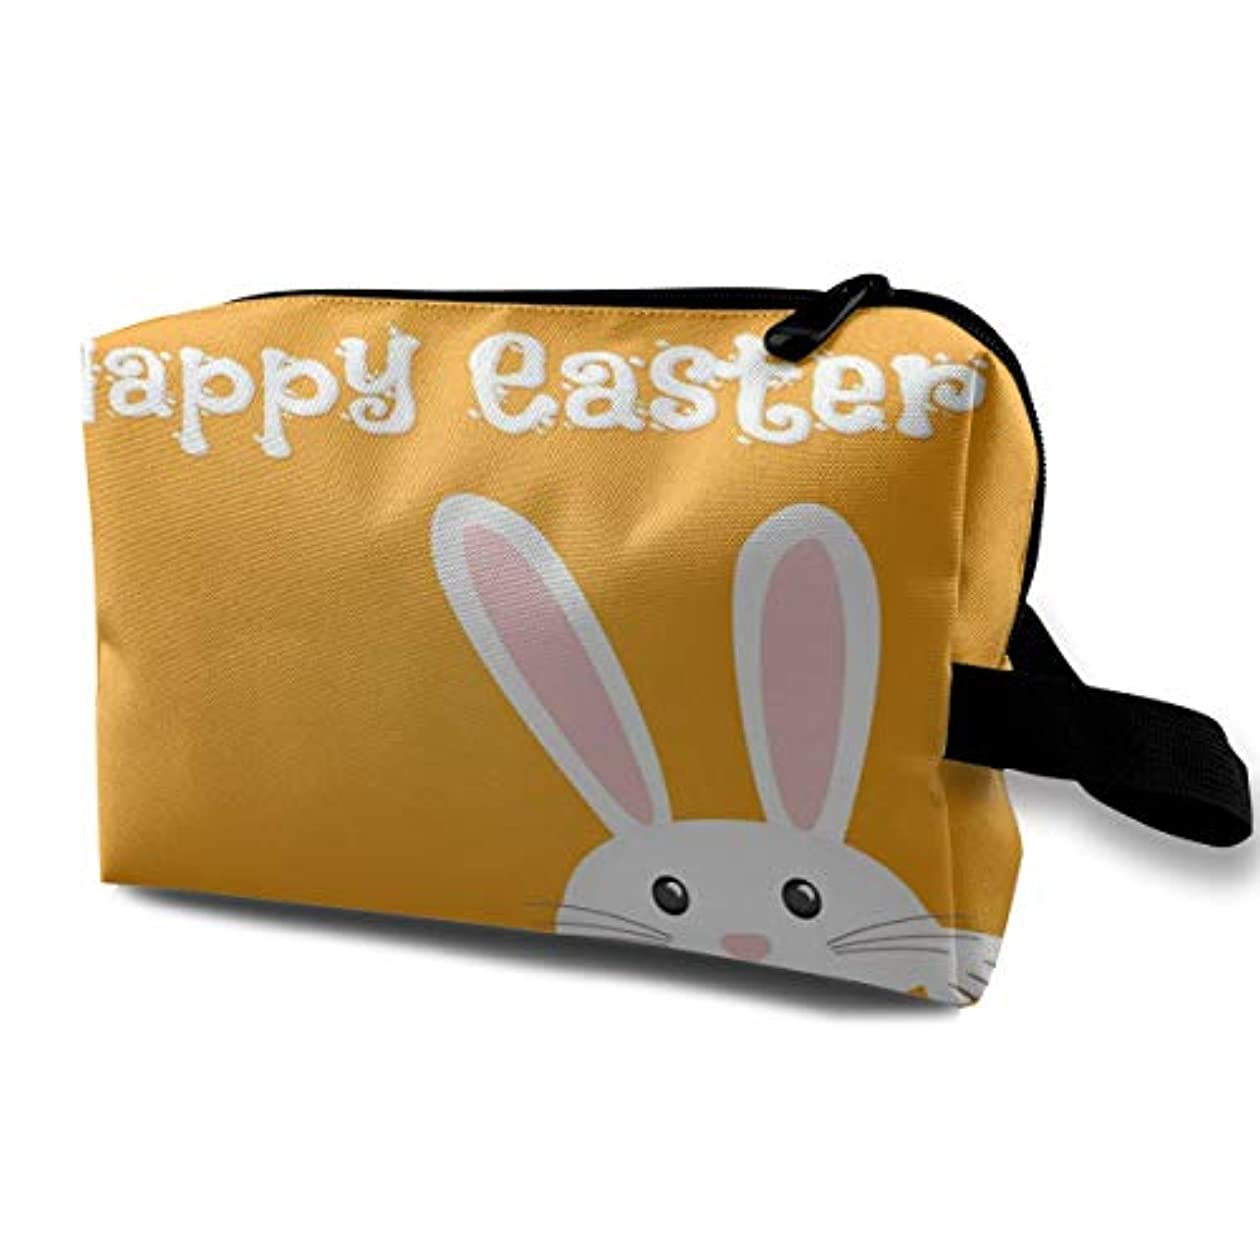 混乱させる一過性治療Easter Rabbit Bunny 収納ポーチ 化粧ポーチ 大容量 軽量 耐久性 ハンドル付持ち運び便利。入れ 自宅?出張?旅行?アウトドア撮影などに対応。メンズ レディース トラベルグッズ